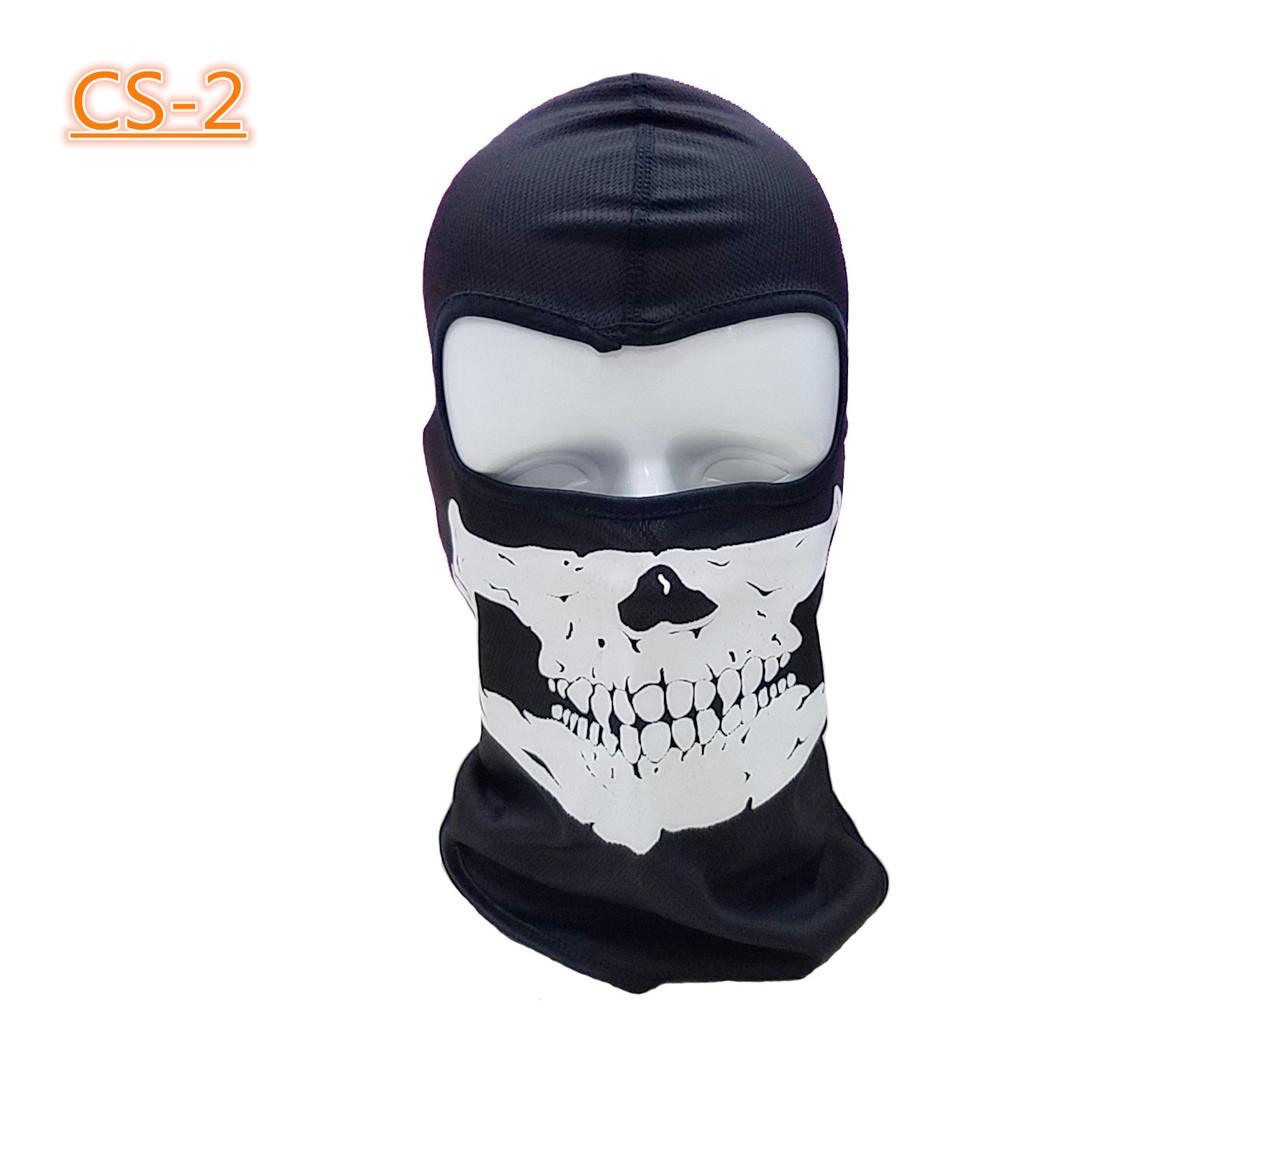 Легка вентильована балаклава / підшоломник / лижна маска / гірськолижна з черепом